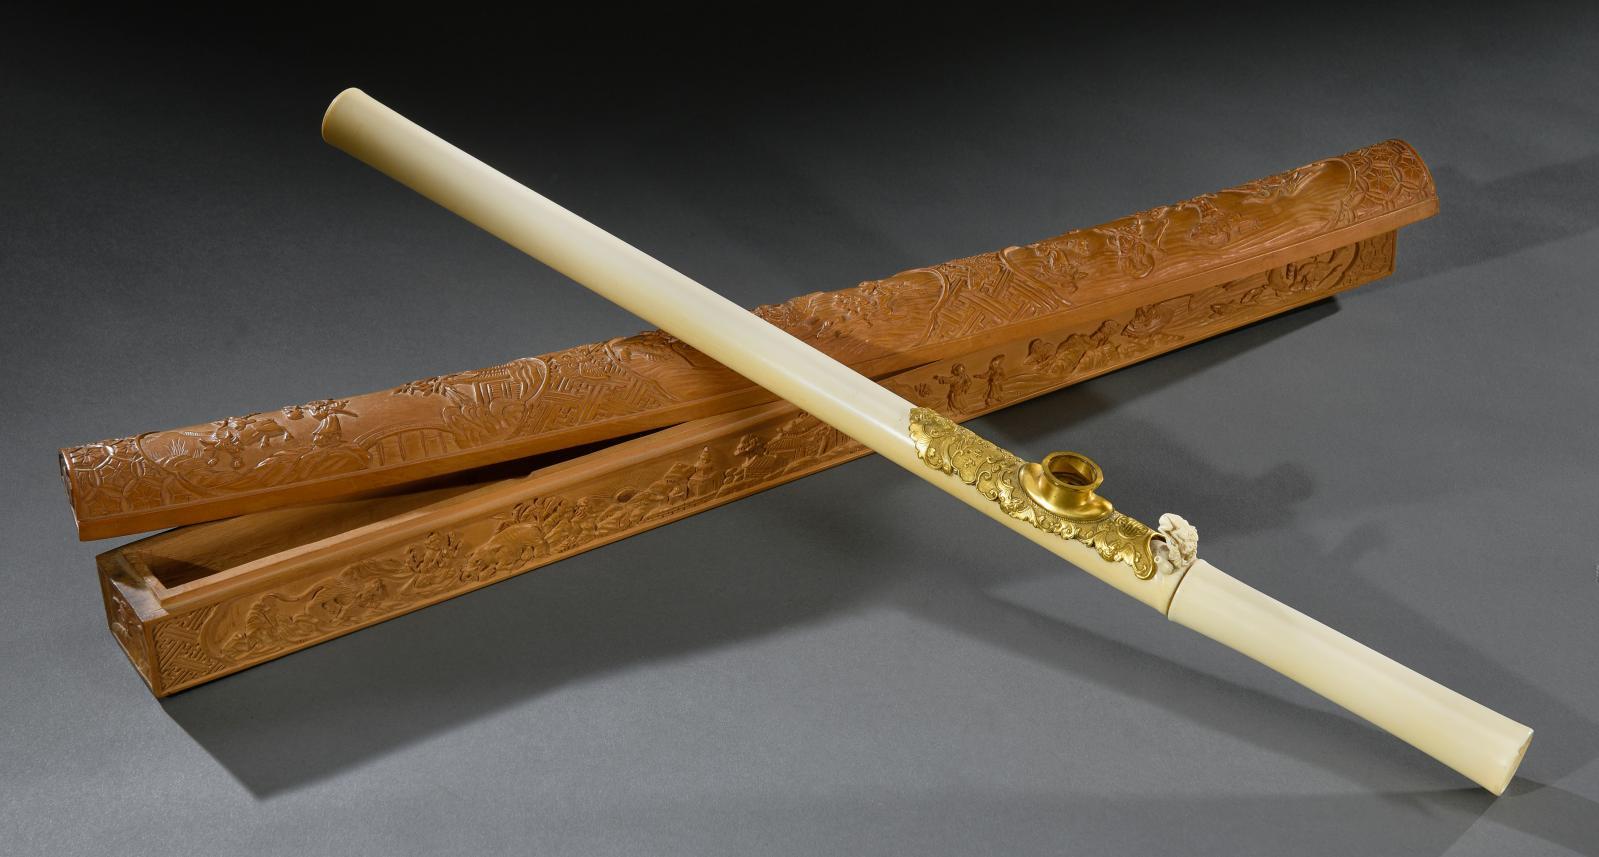 16250€ Chine du Sud, vers 1830. Pipe à opium en ivoire imitant le bambou, à décor d'une grenouille sculptée, garniture en bronze doré et